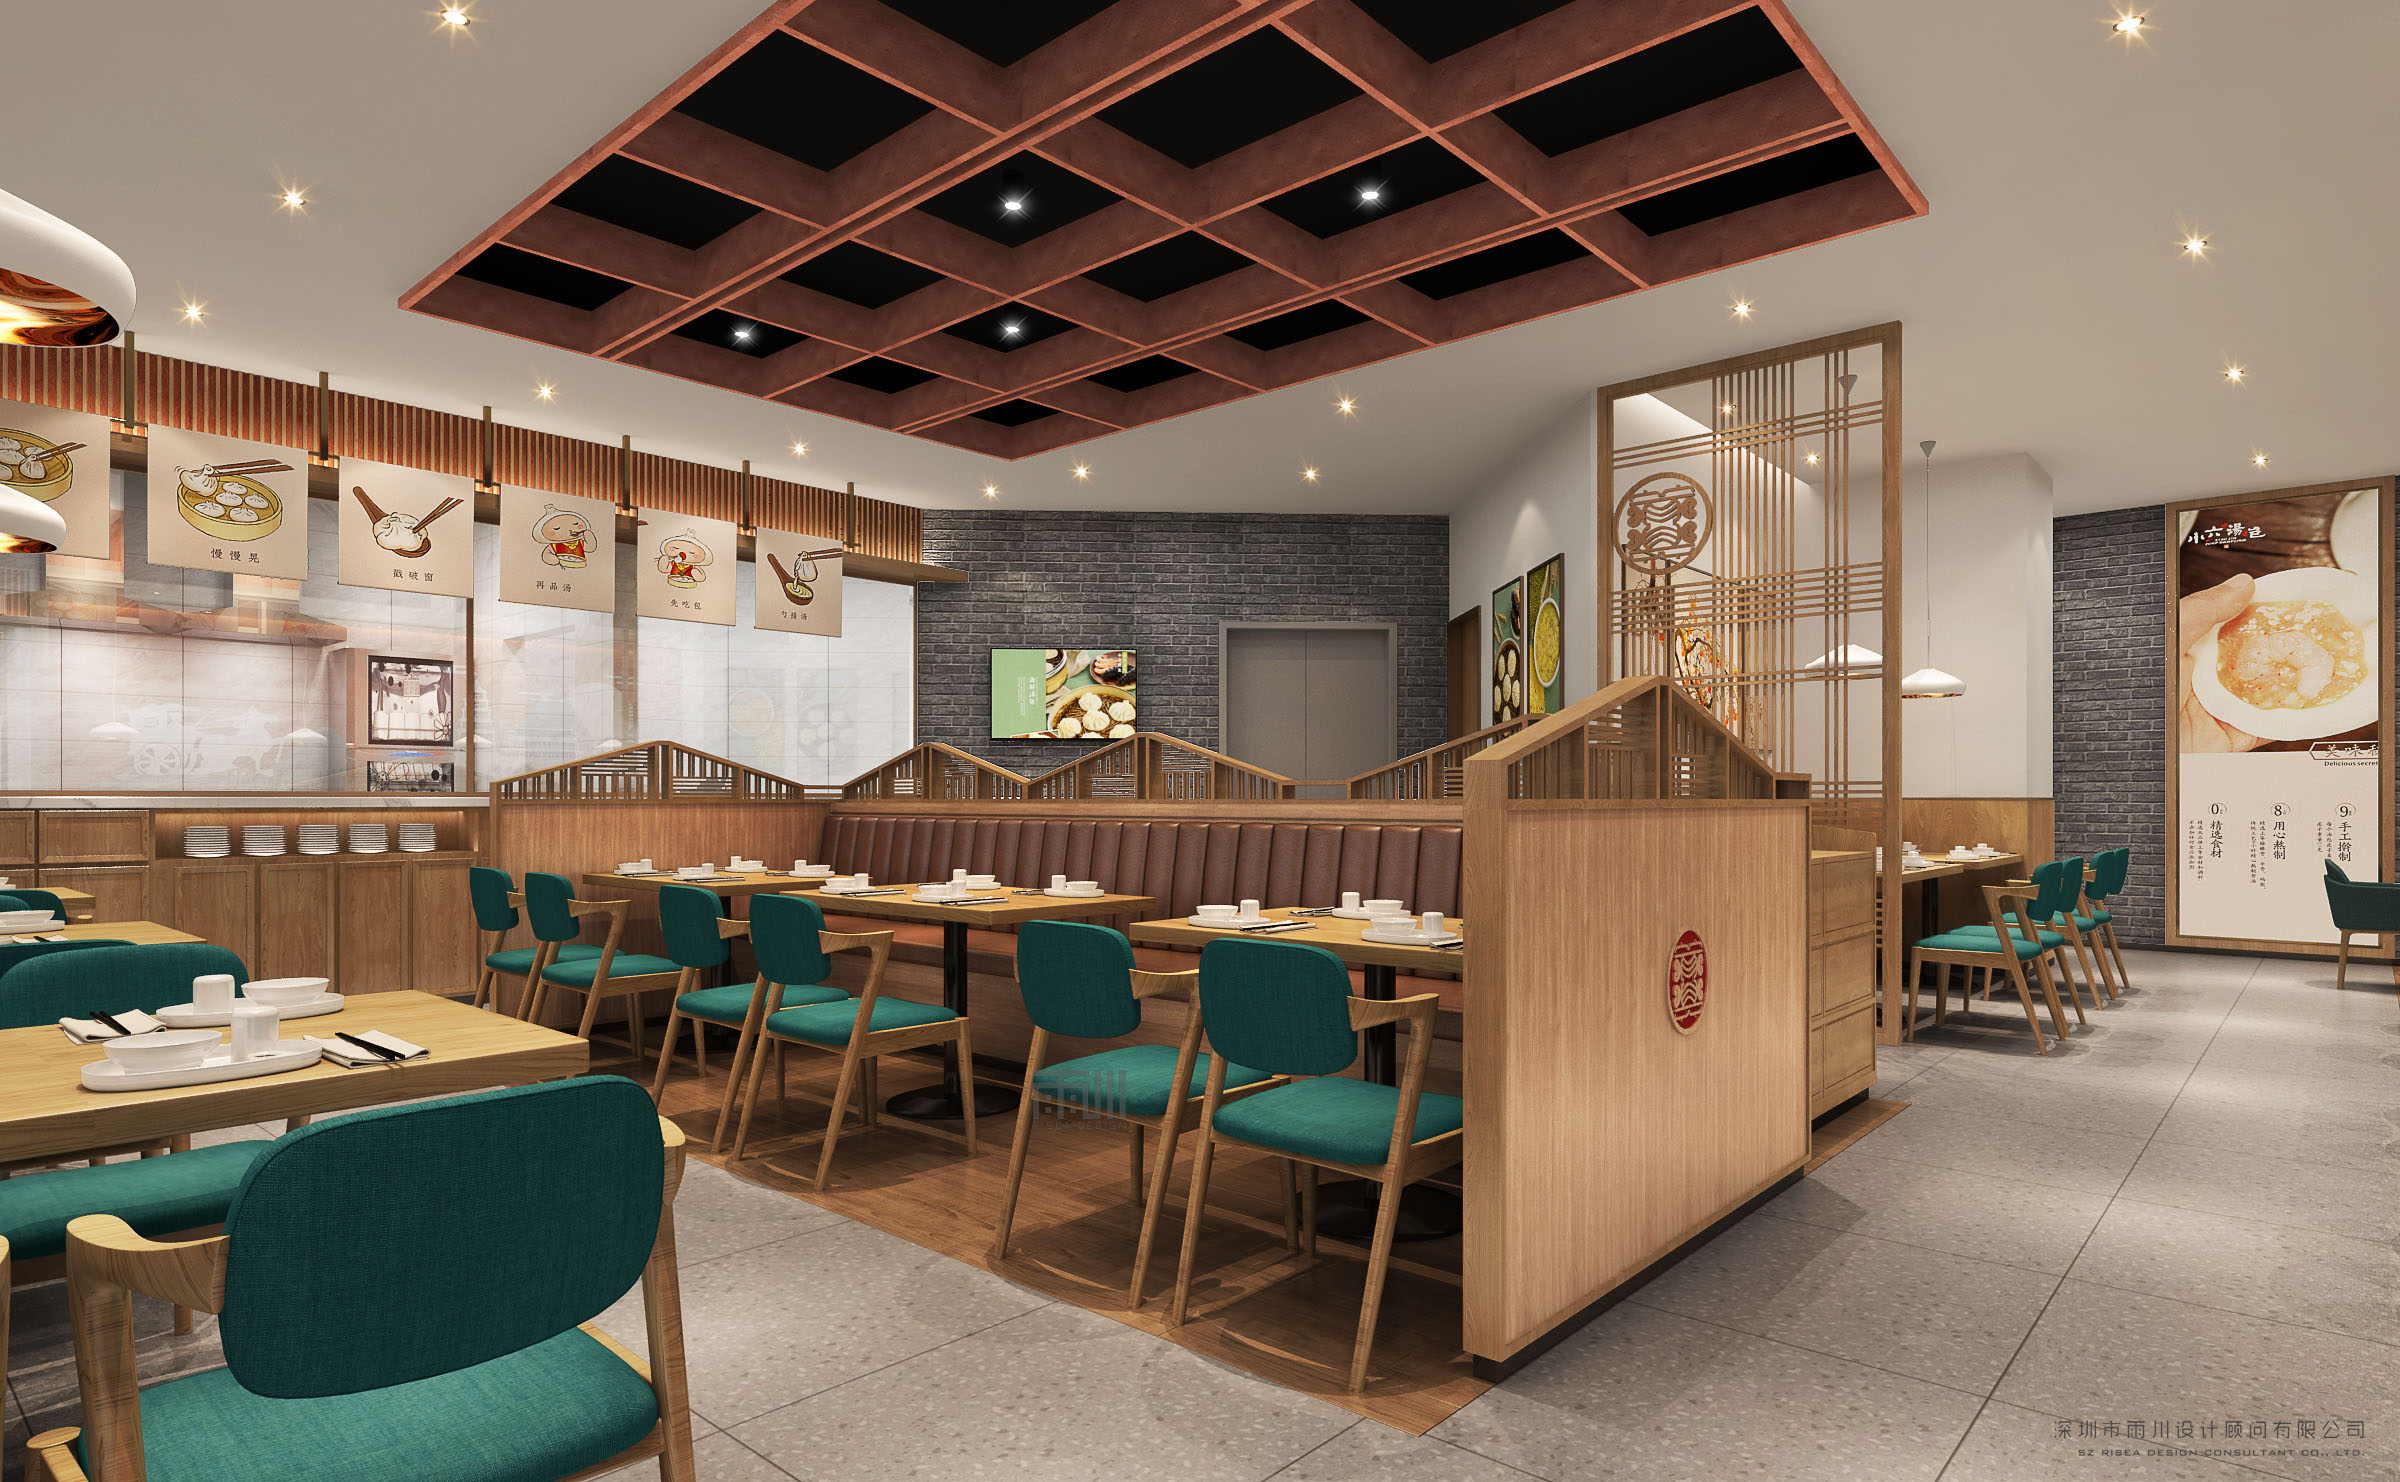 餐饮空间设计装修应以实用性为主